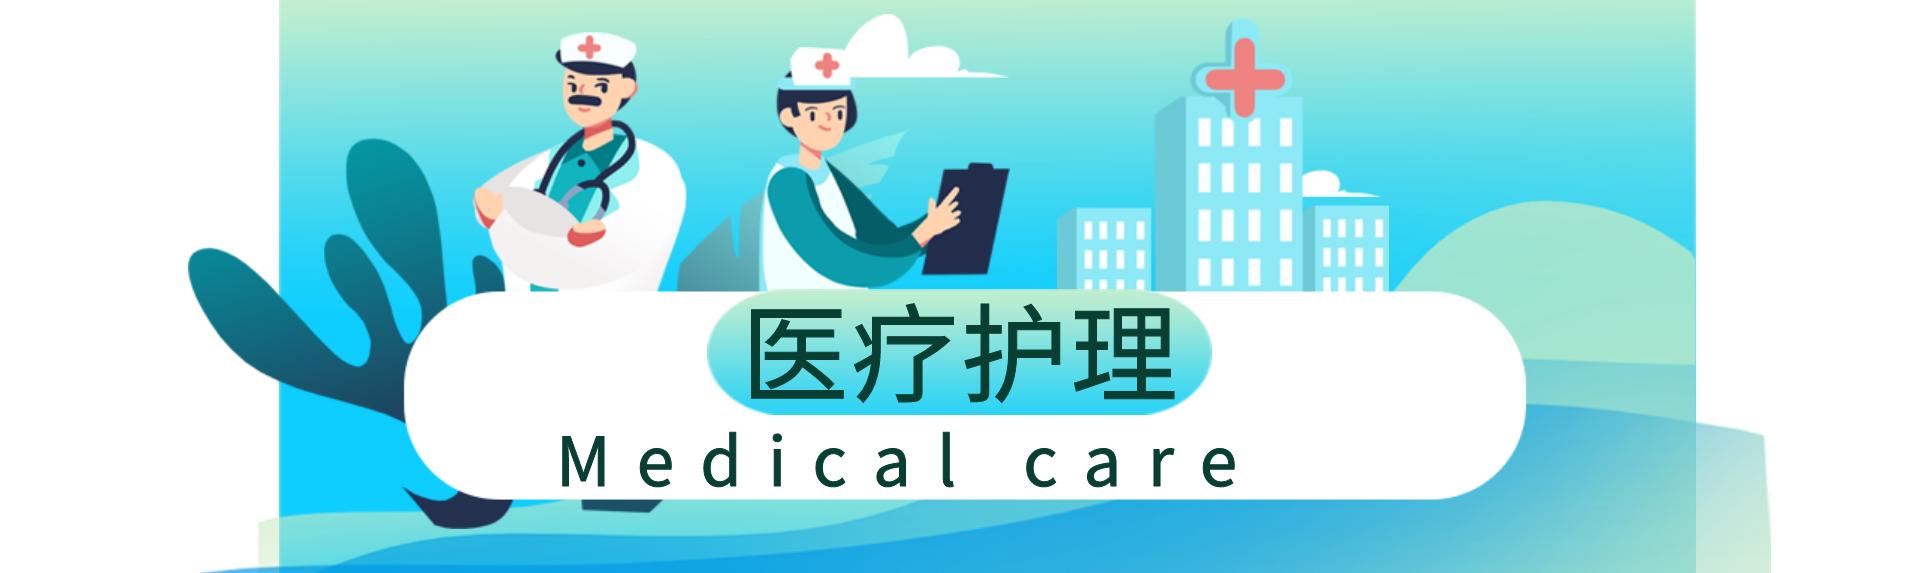 医疗护理护工